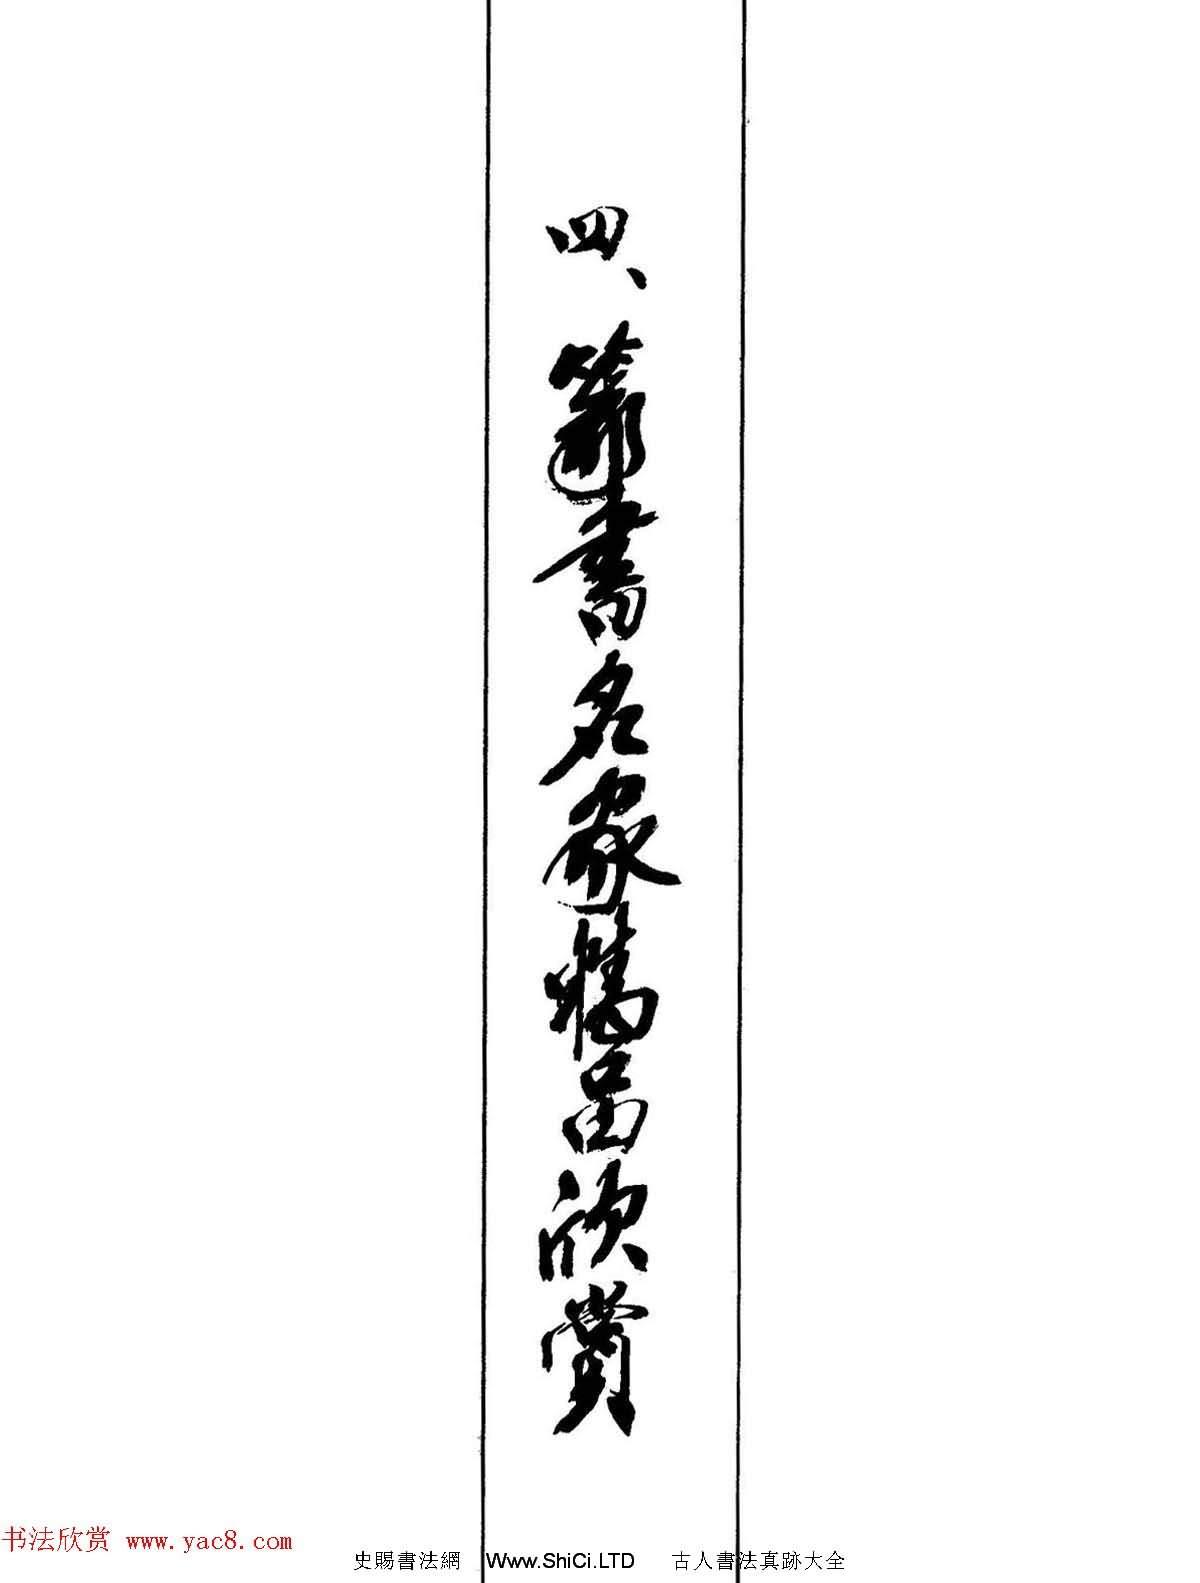 鋼筆書法作品真跡集《篆書名家精品欣賞》(共46張圖片)